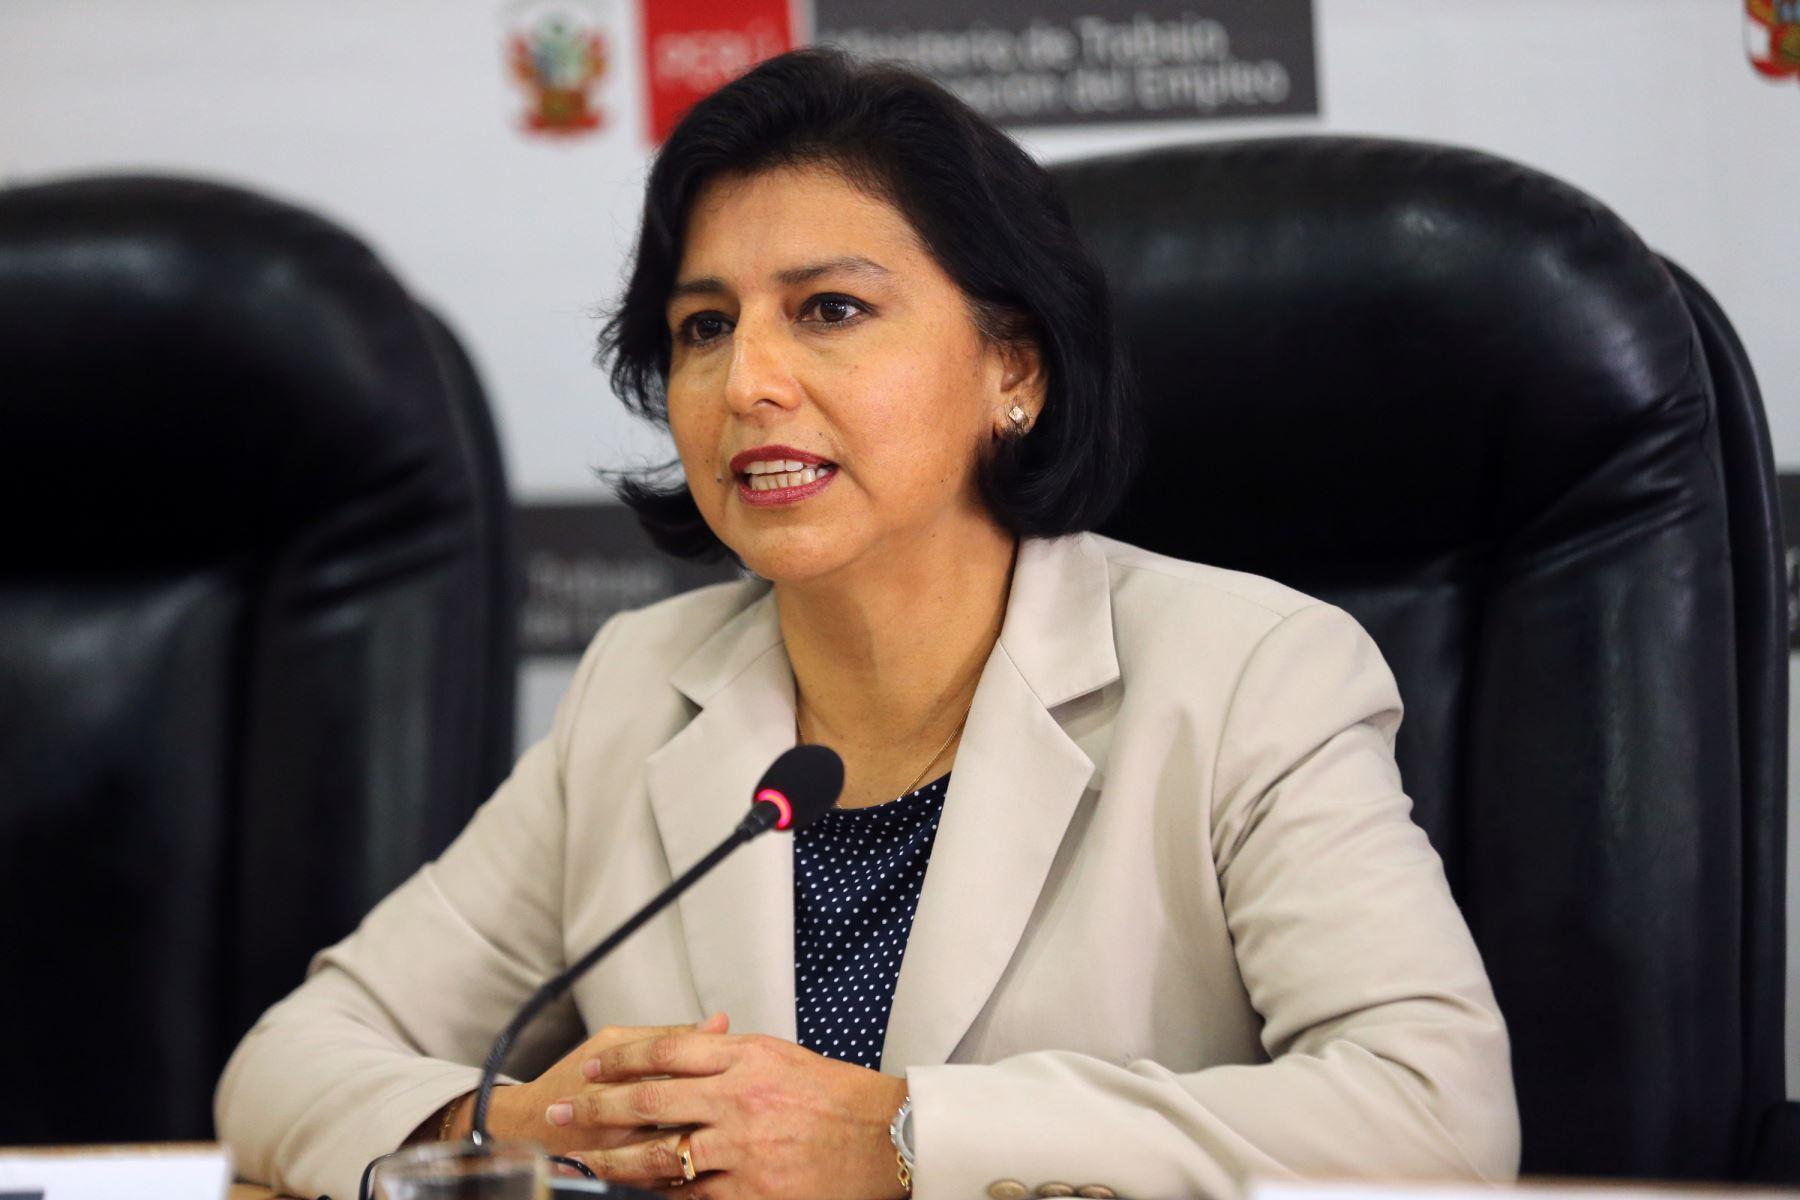 Ministra de Trabajo y Promoción del Empleo, Sylvia Cáceres. ANDINA/Norman Córdova